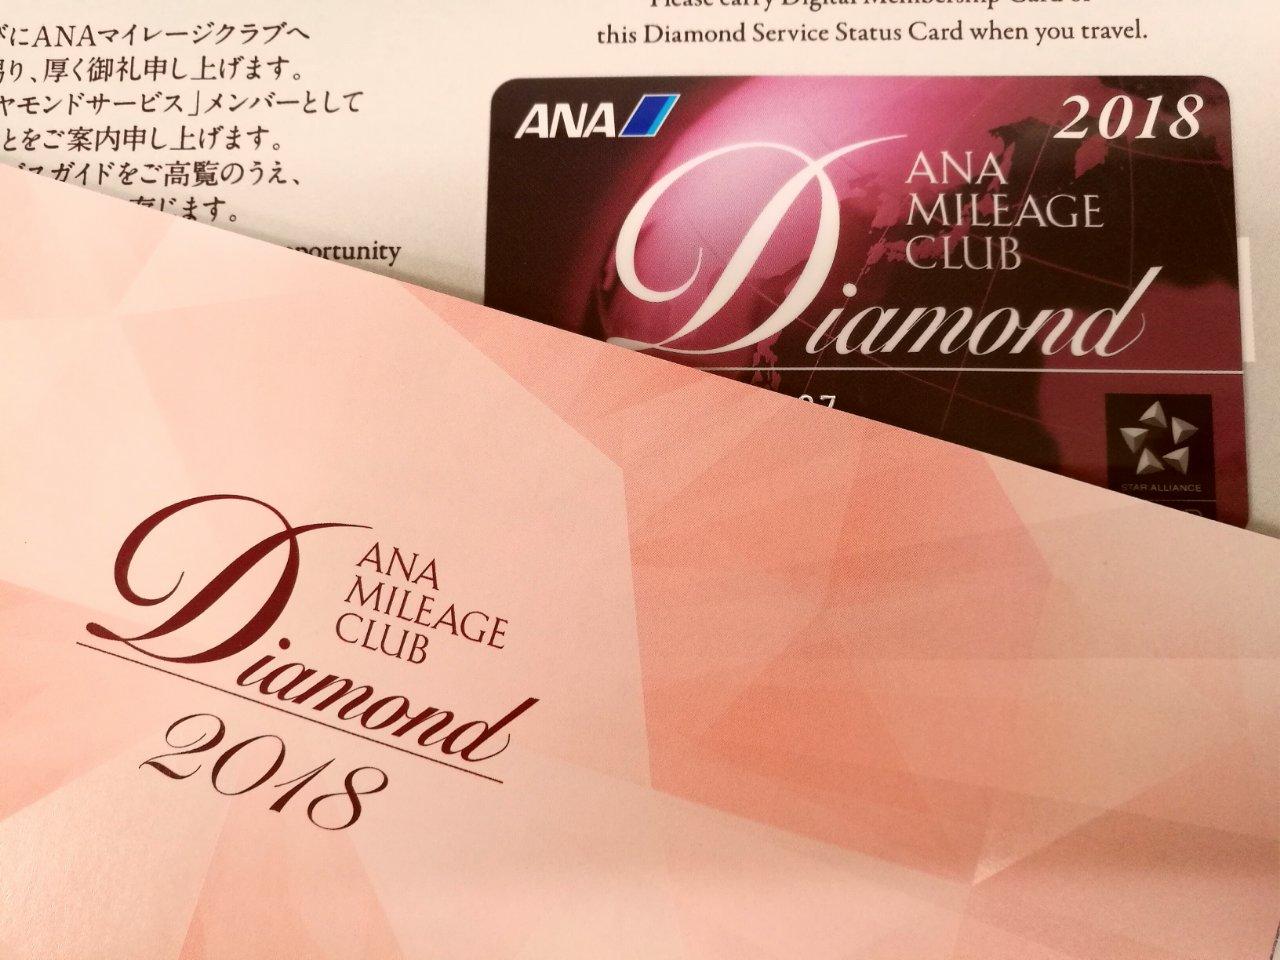 ANAダイヤモンドカード到着